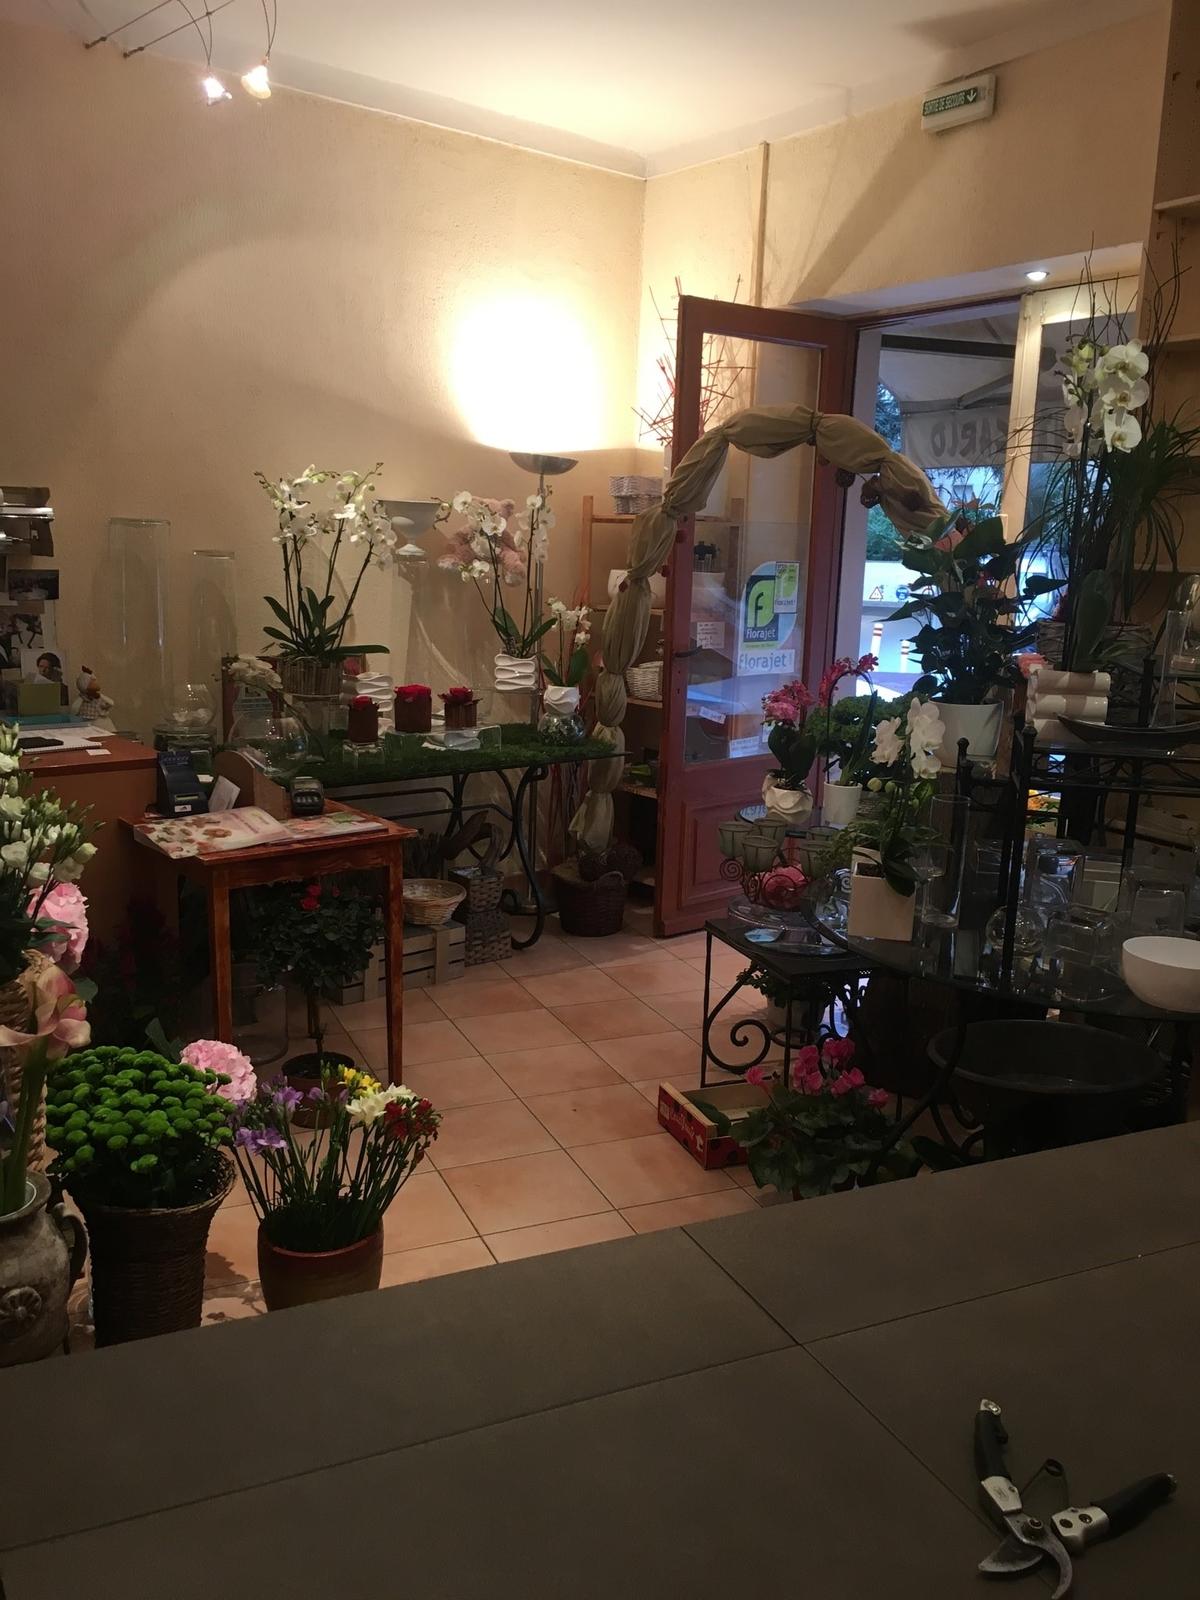 Vente fonds de commerce : Monte-Carlo - Negozi